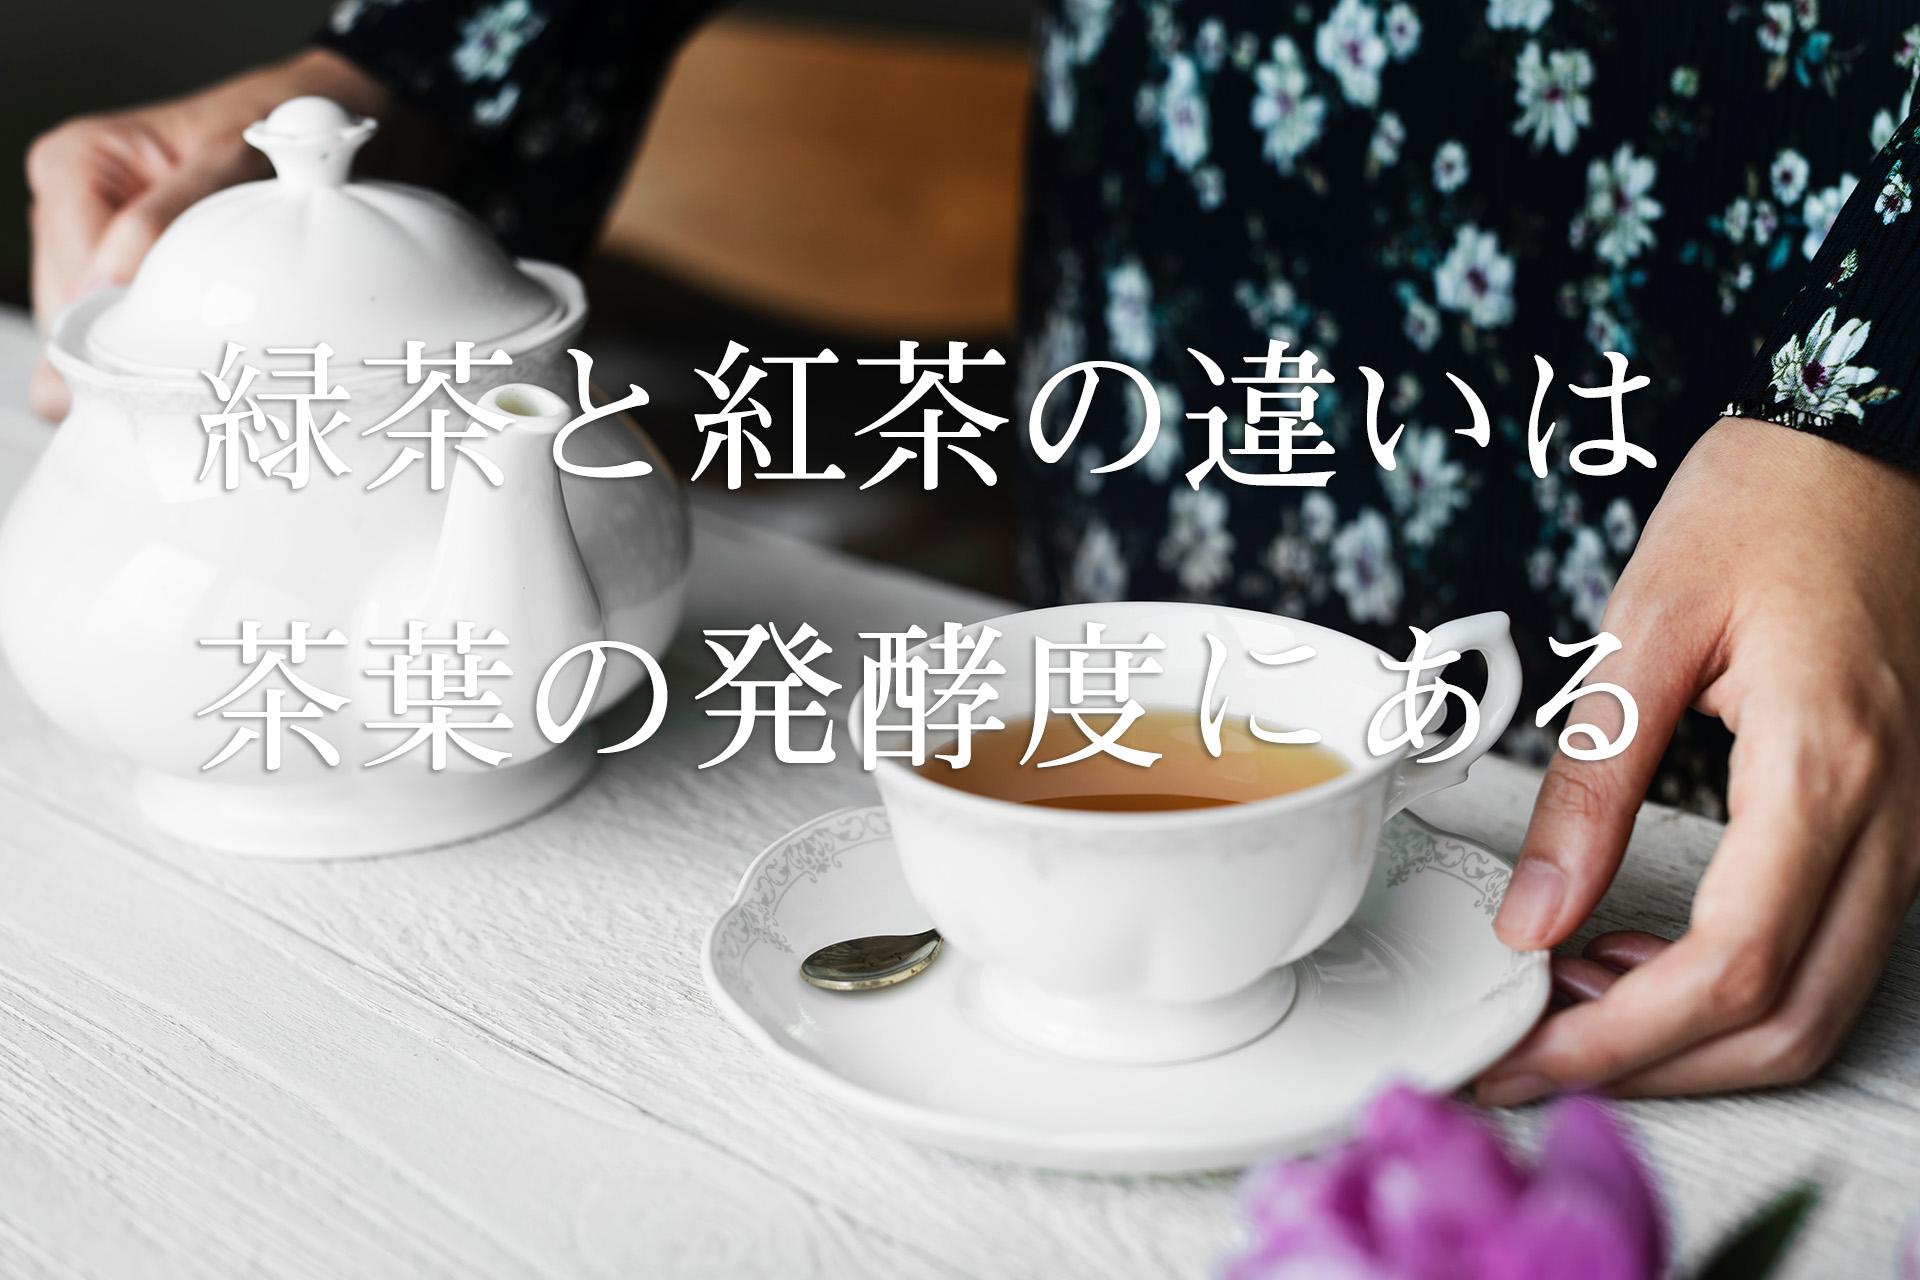 緑茶と紅茶の違いは茶葉の発酵度にある